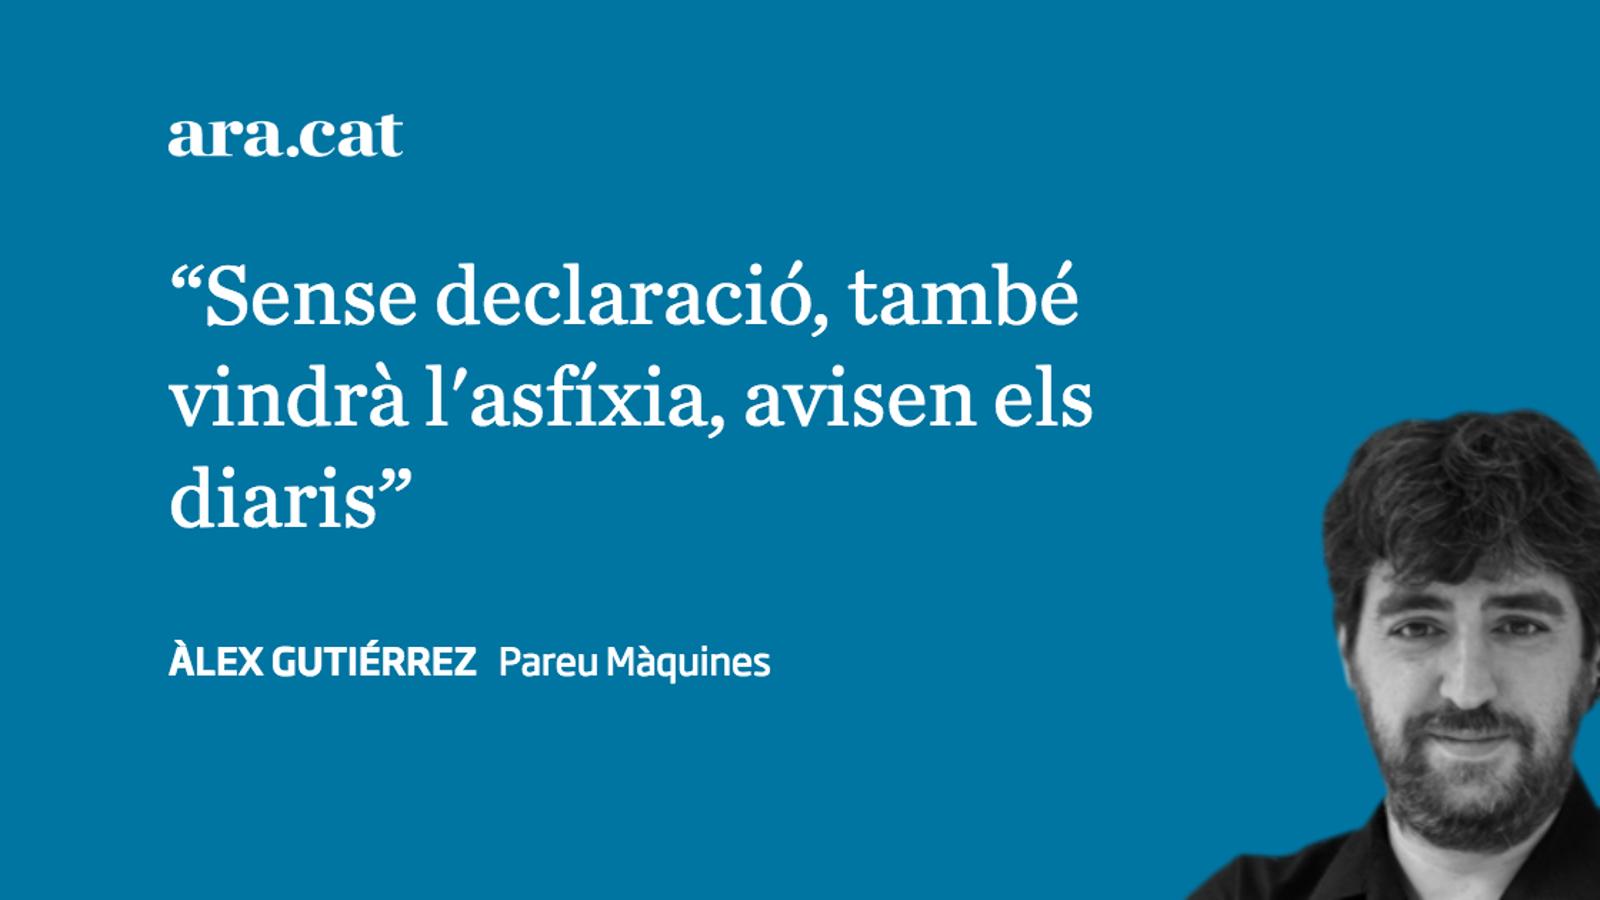 Reclamant la lliura de carn catalana, amb DUI o sense